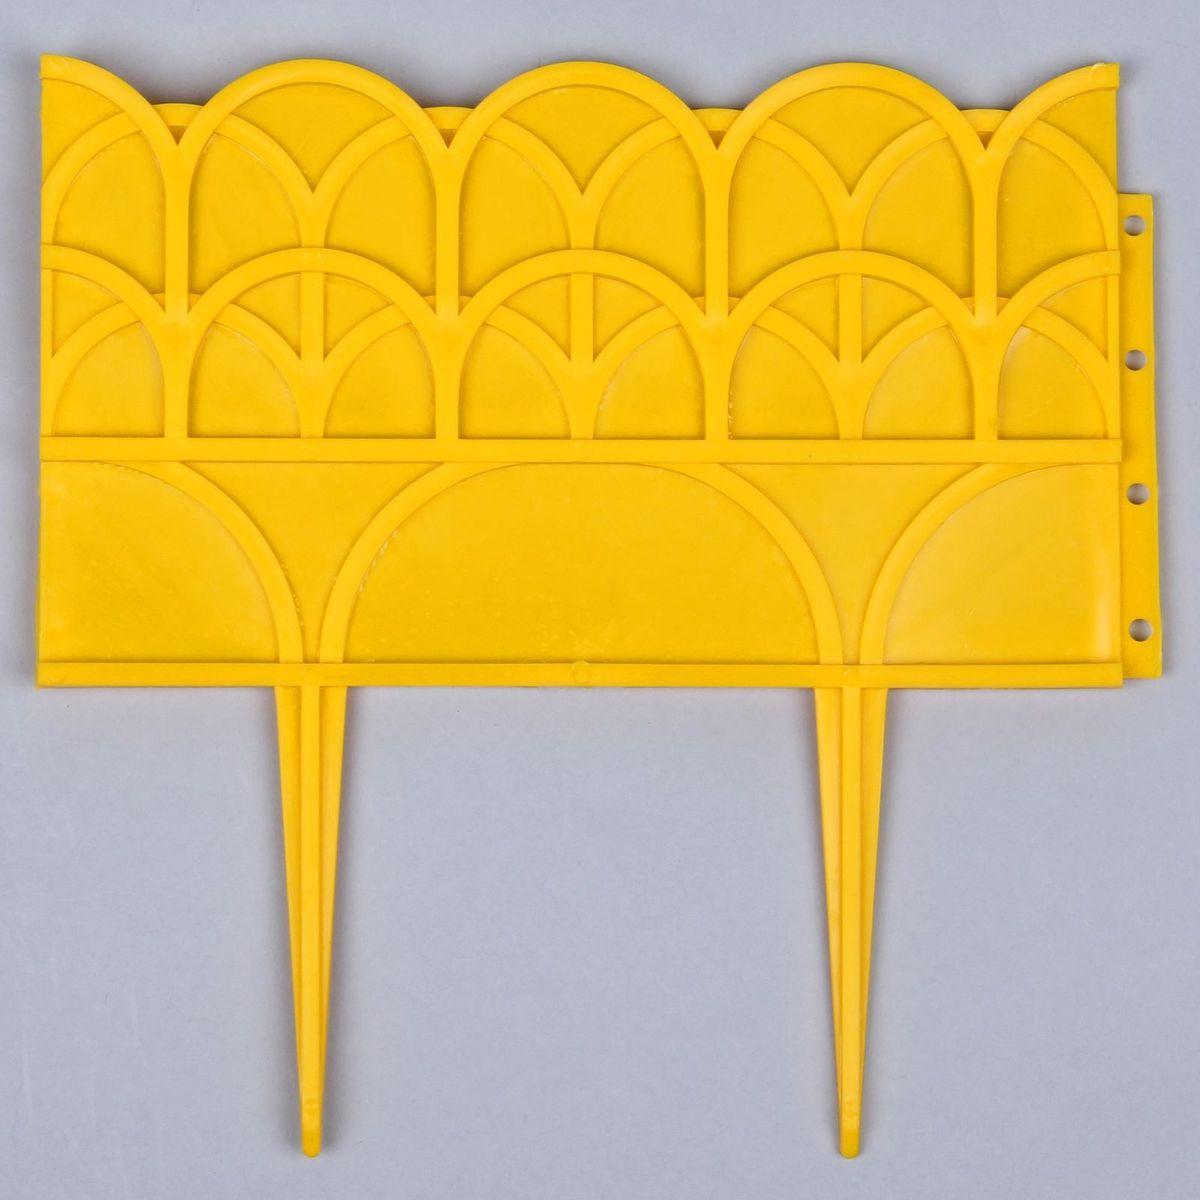 Ограждение садовое декоративное Noname, 13 секций, цвет: желтый, 14 х 310 см531-105Ограждение садовое Noname предназначено для декоративного оформления границ цветников, клумб, газонов, садовых дорожек и площадок. Изделие изготовлено из прочного пластика. Легко и быстро собирается, надежно крепится в земле. Скрепляются при помощи простого замка.Общая длина ограждения: 14 х 310 см.Количество ограждений в упаковке: 13 шт.